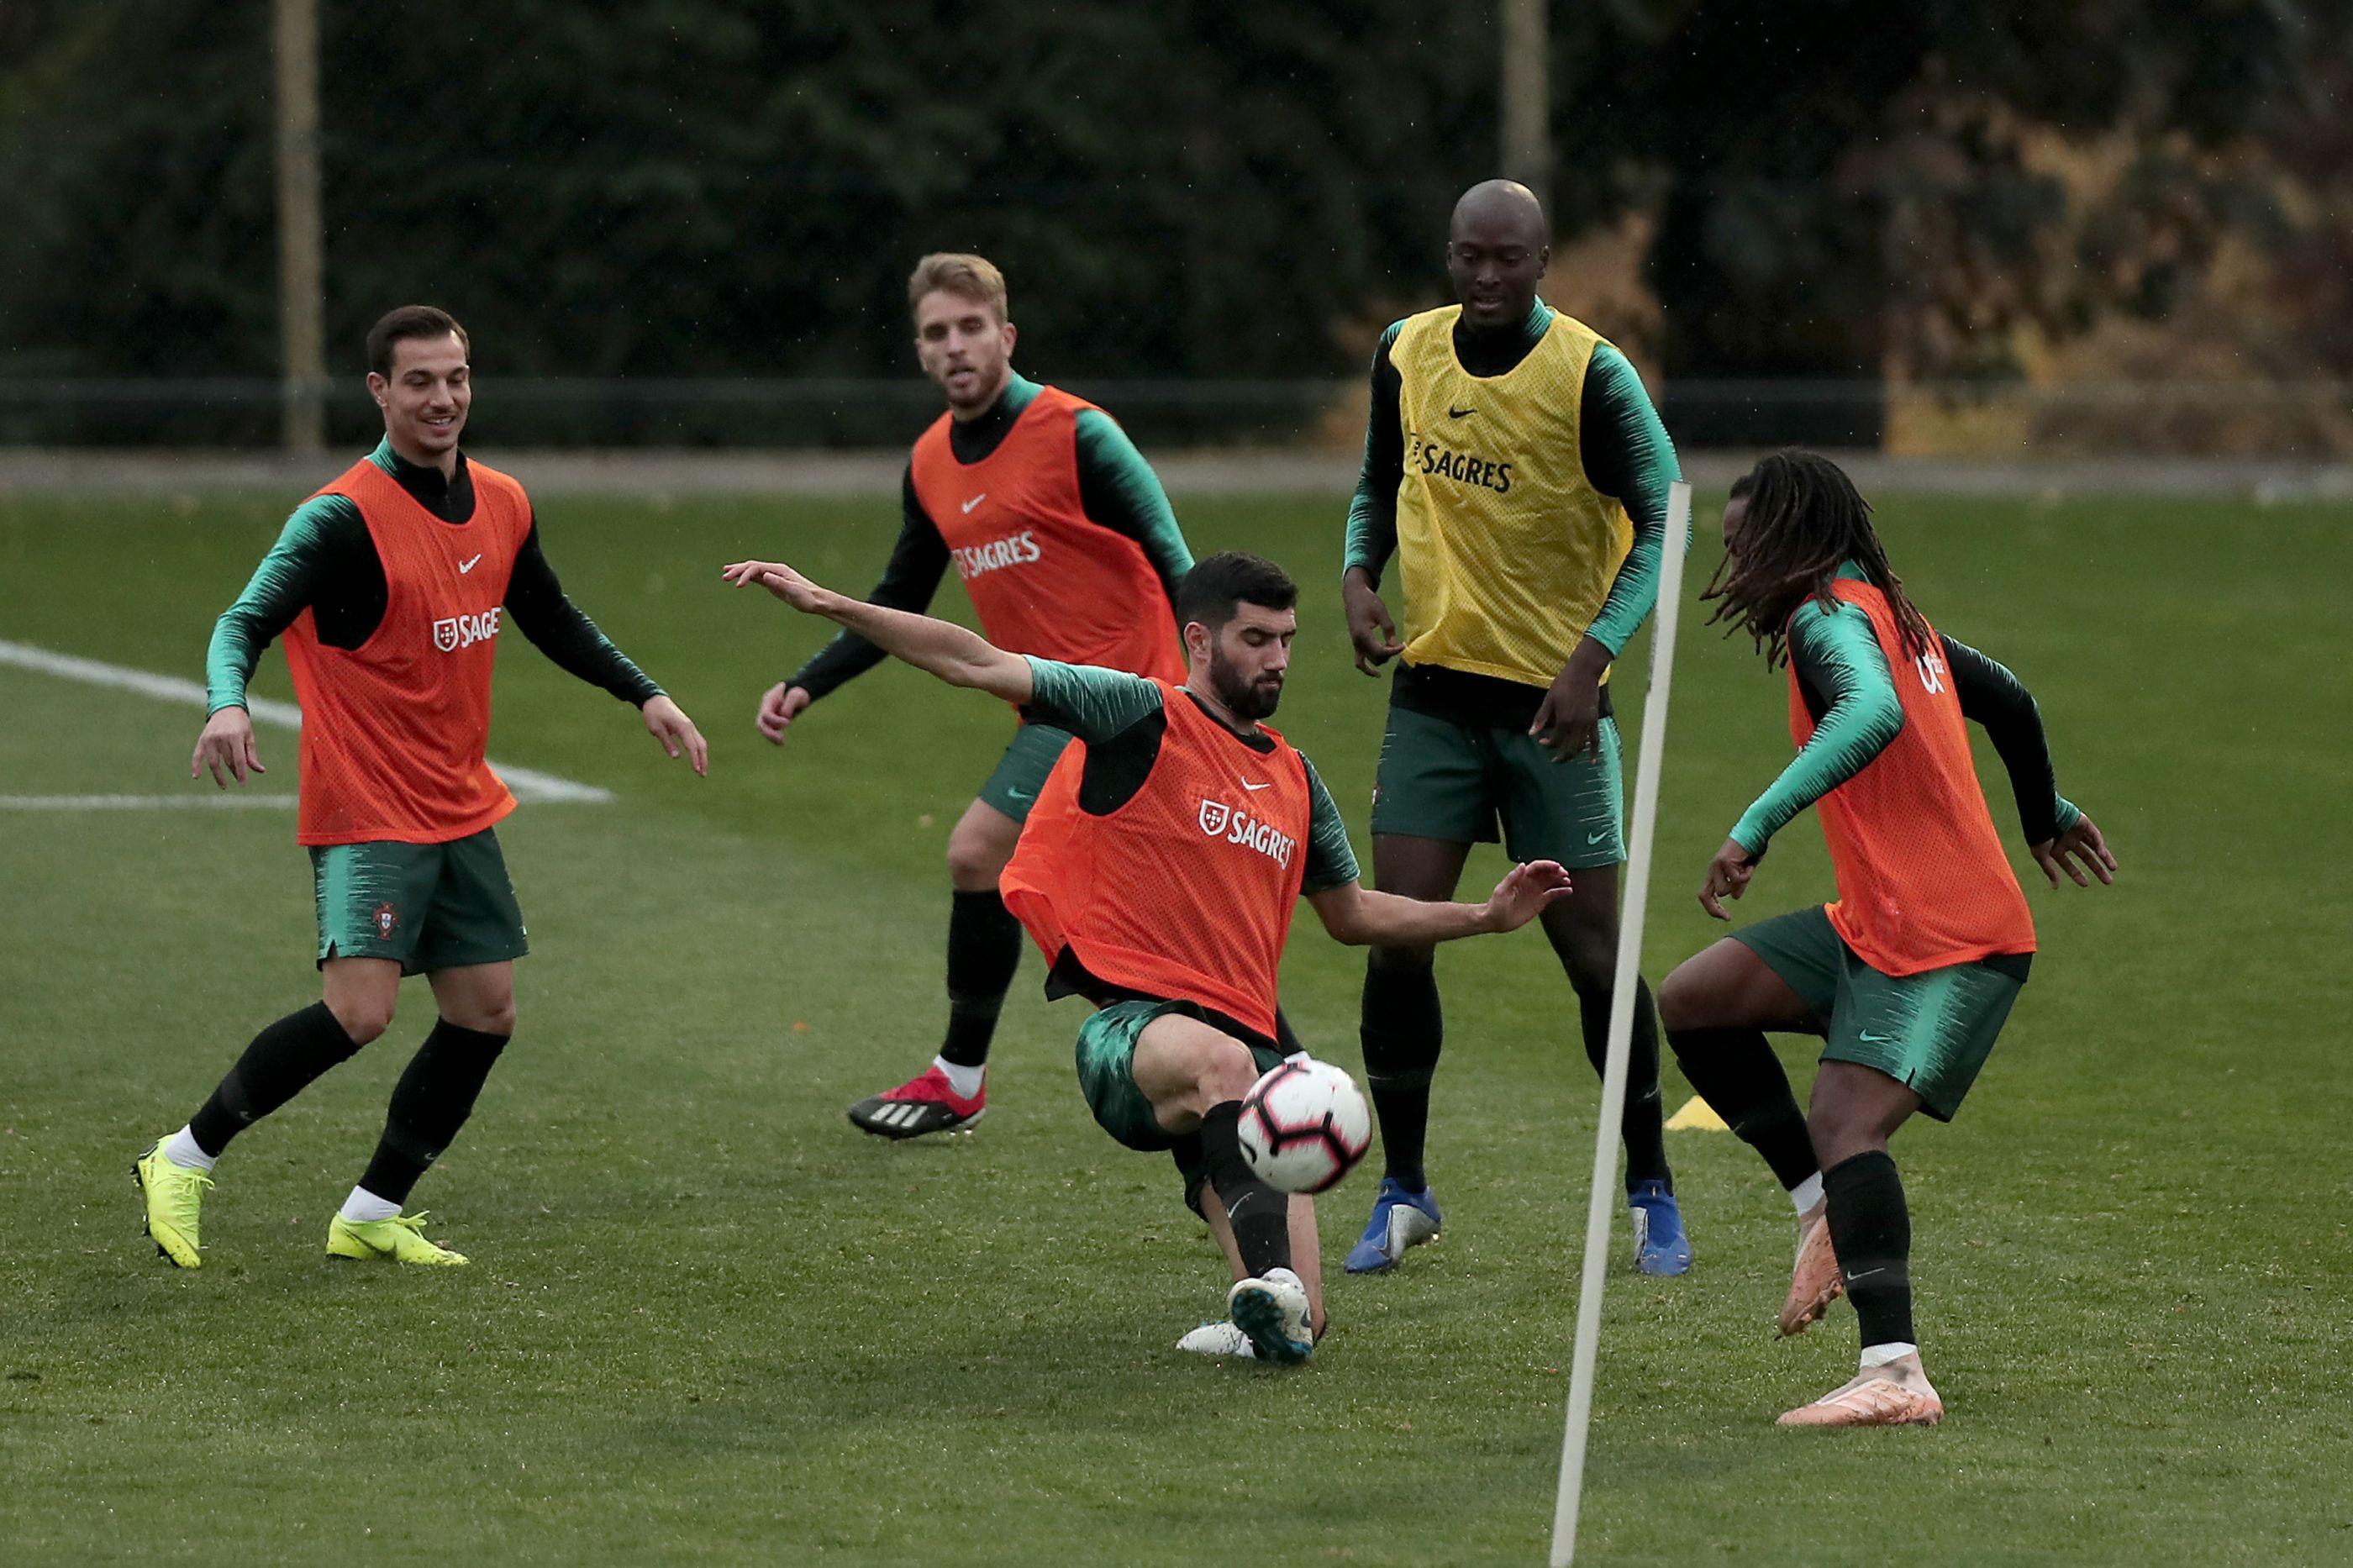 Seleção cumpre último treino antes da receção à Polónia